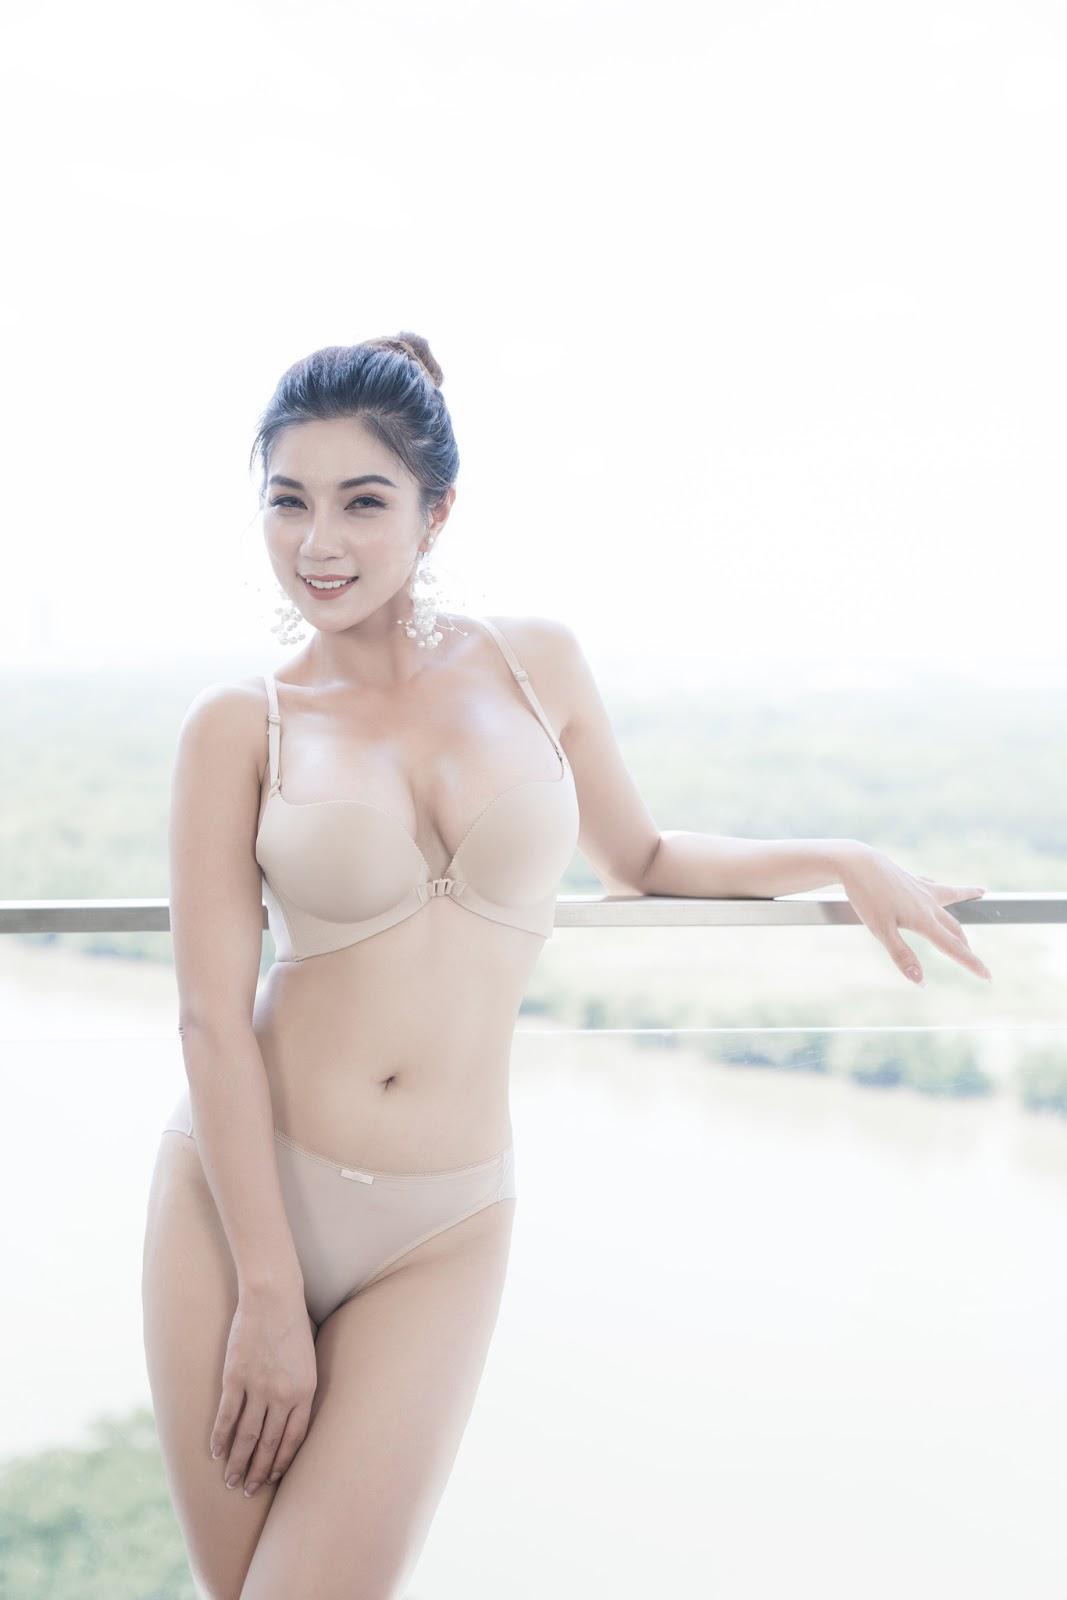 'Ác nữ' Lâm Mỹ Vân tung bộ ảnh nội y gợi cảm quá mức, khẳng định không dung tục - Hình 2